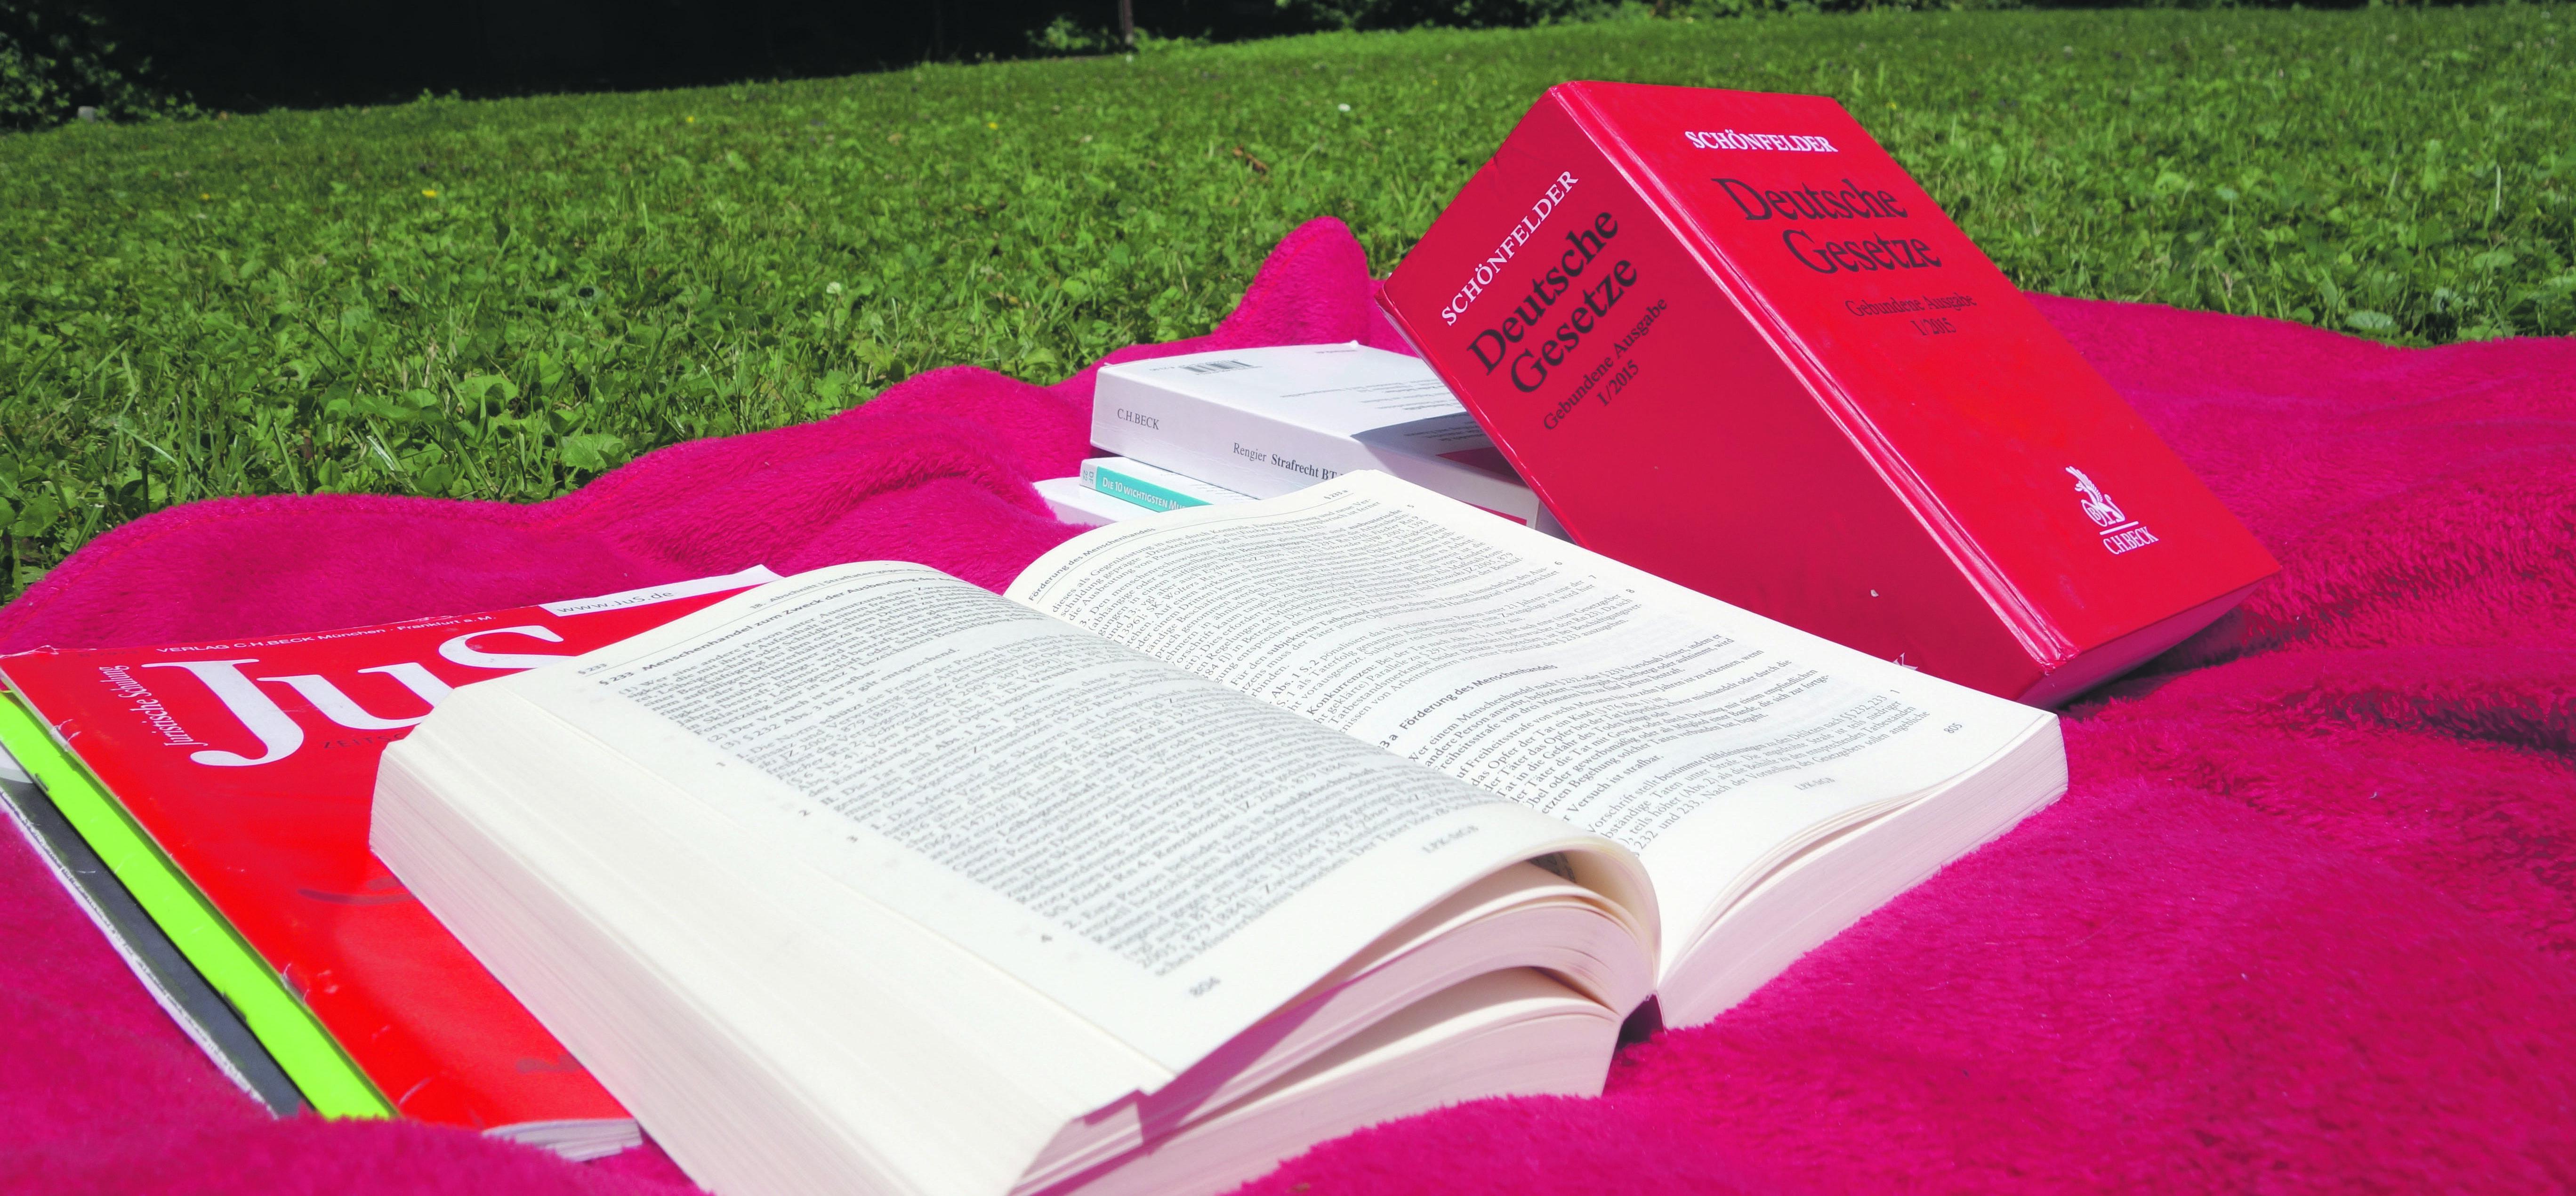 Auch die Freizeit wird von den Gesetzestexten bestimmt (Foto: Simon Koenigsdorff)